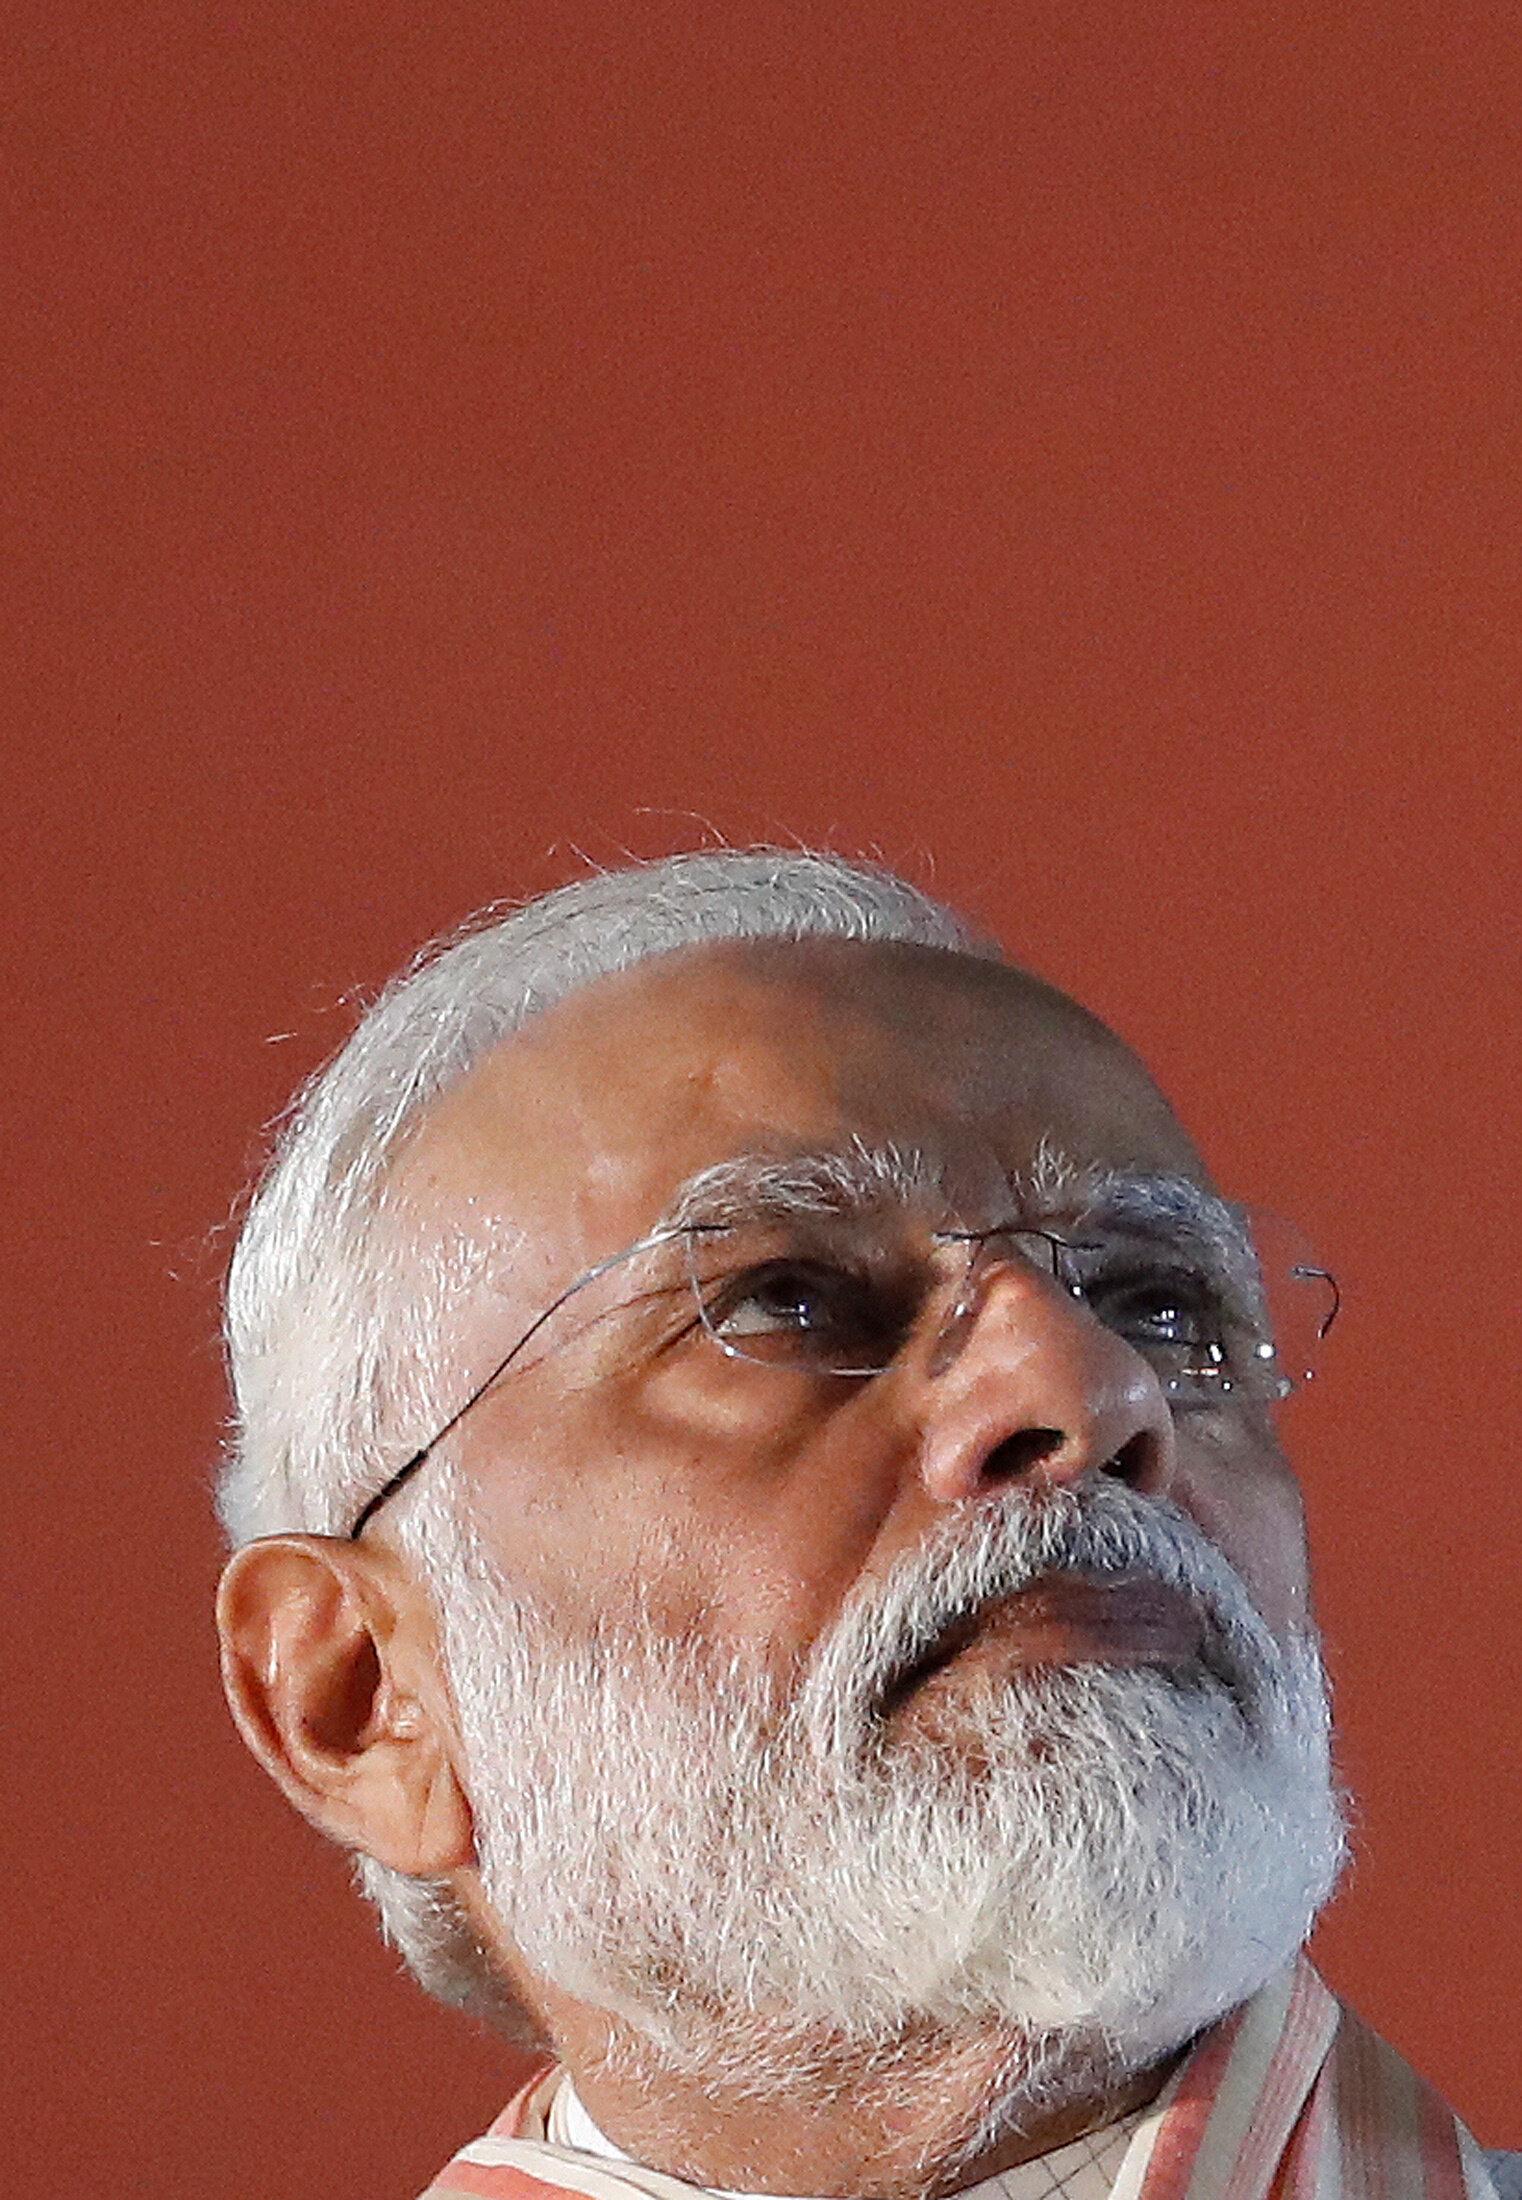 인도 총선이 6주만에 끝났고 모디 총리 승리가